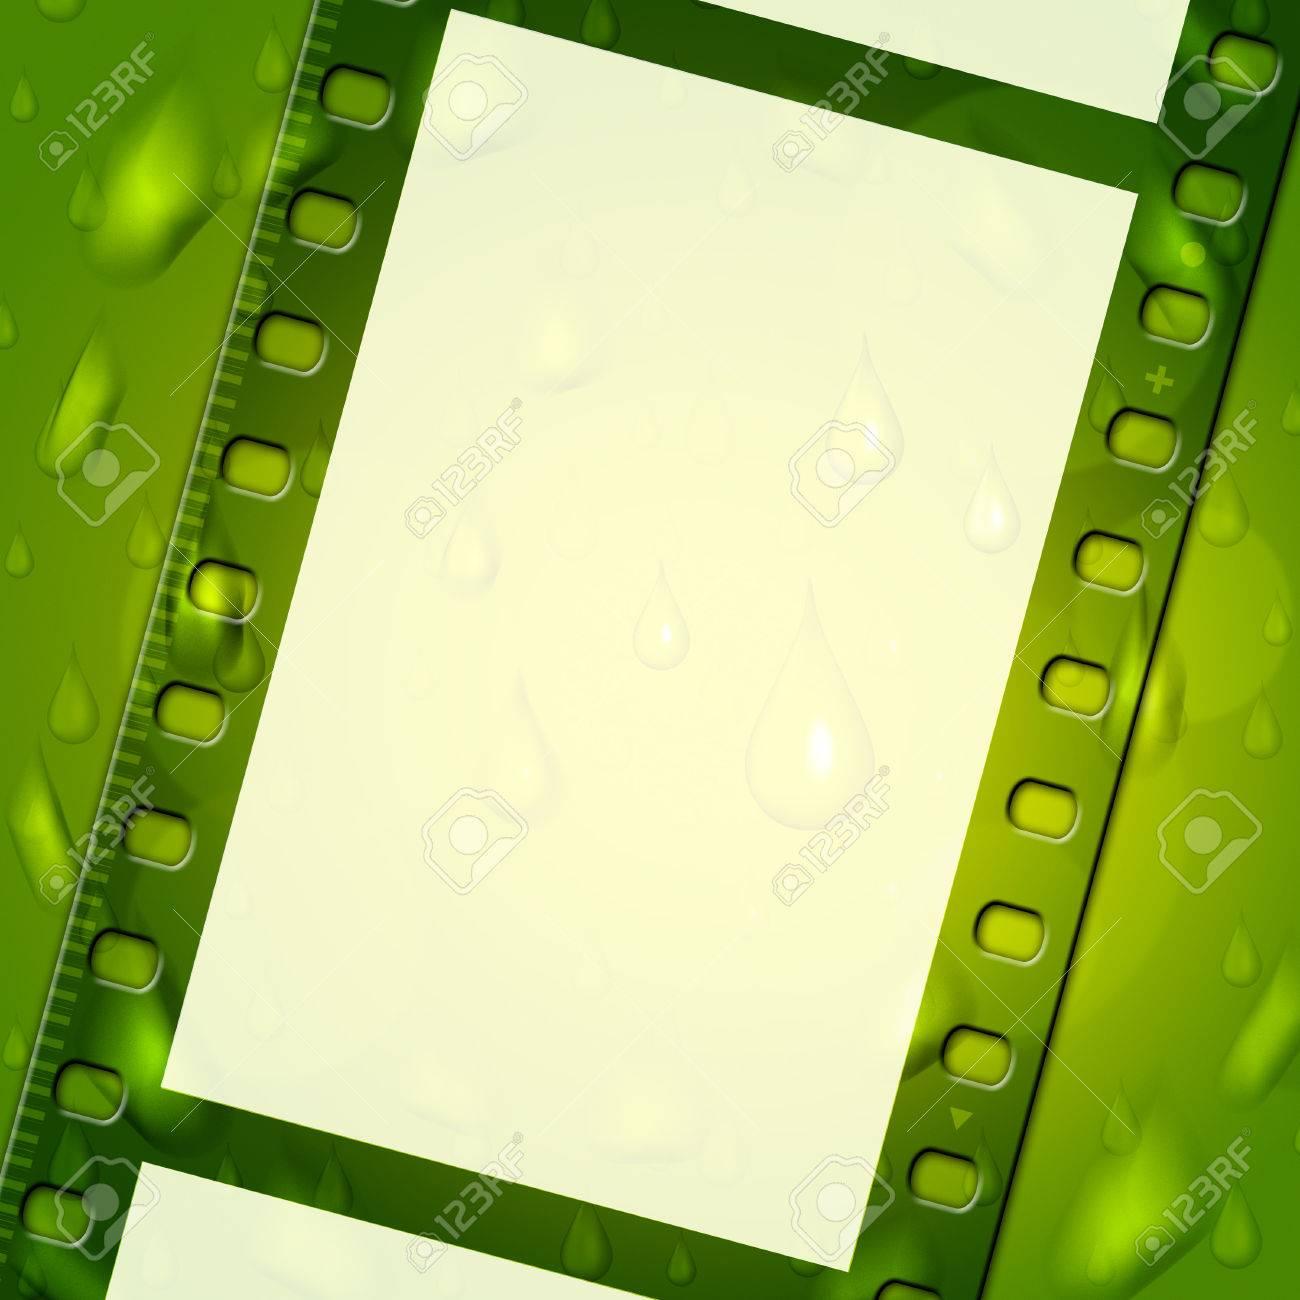 Filmstreifen Grün Bedeutung Text Raum Und Fotografie Lizenzfreie